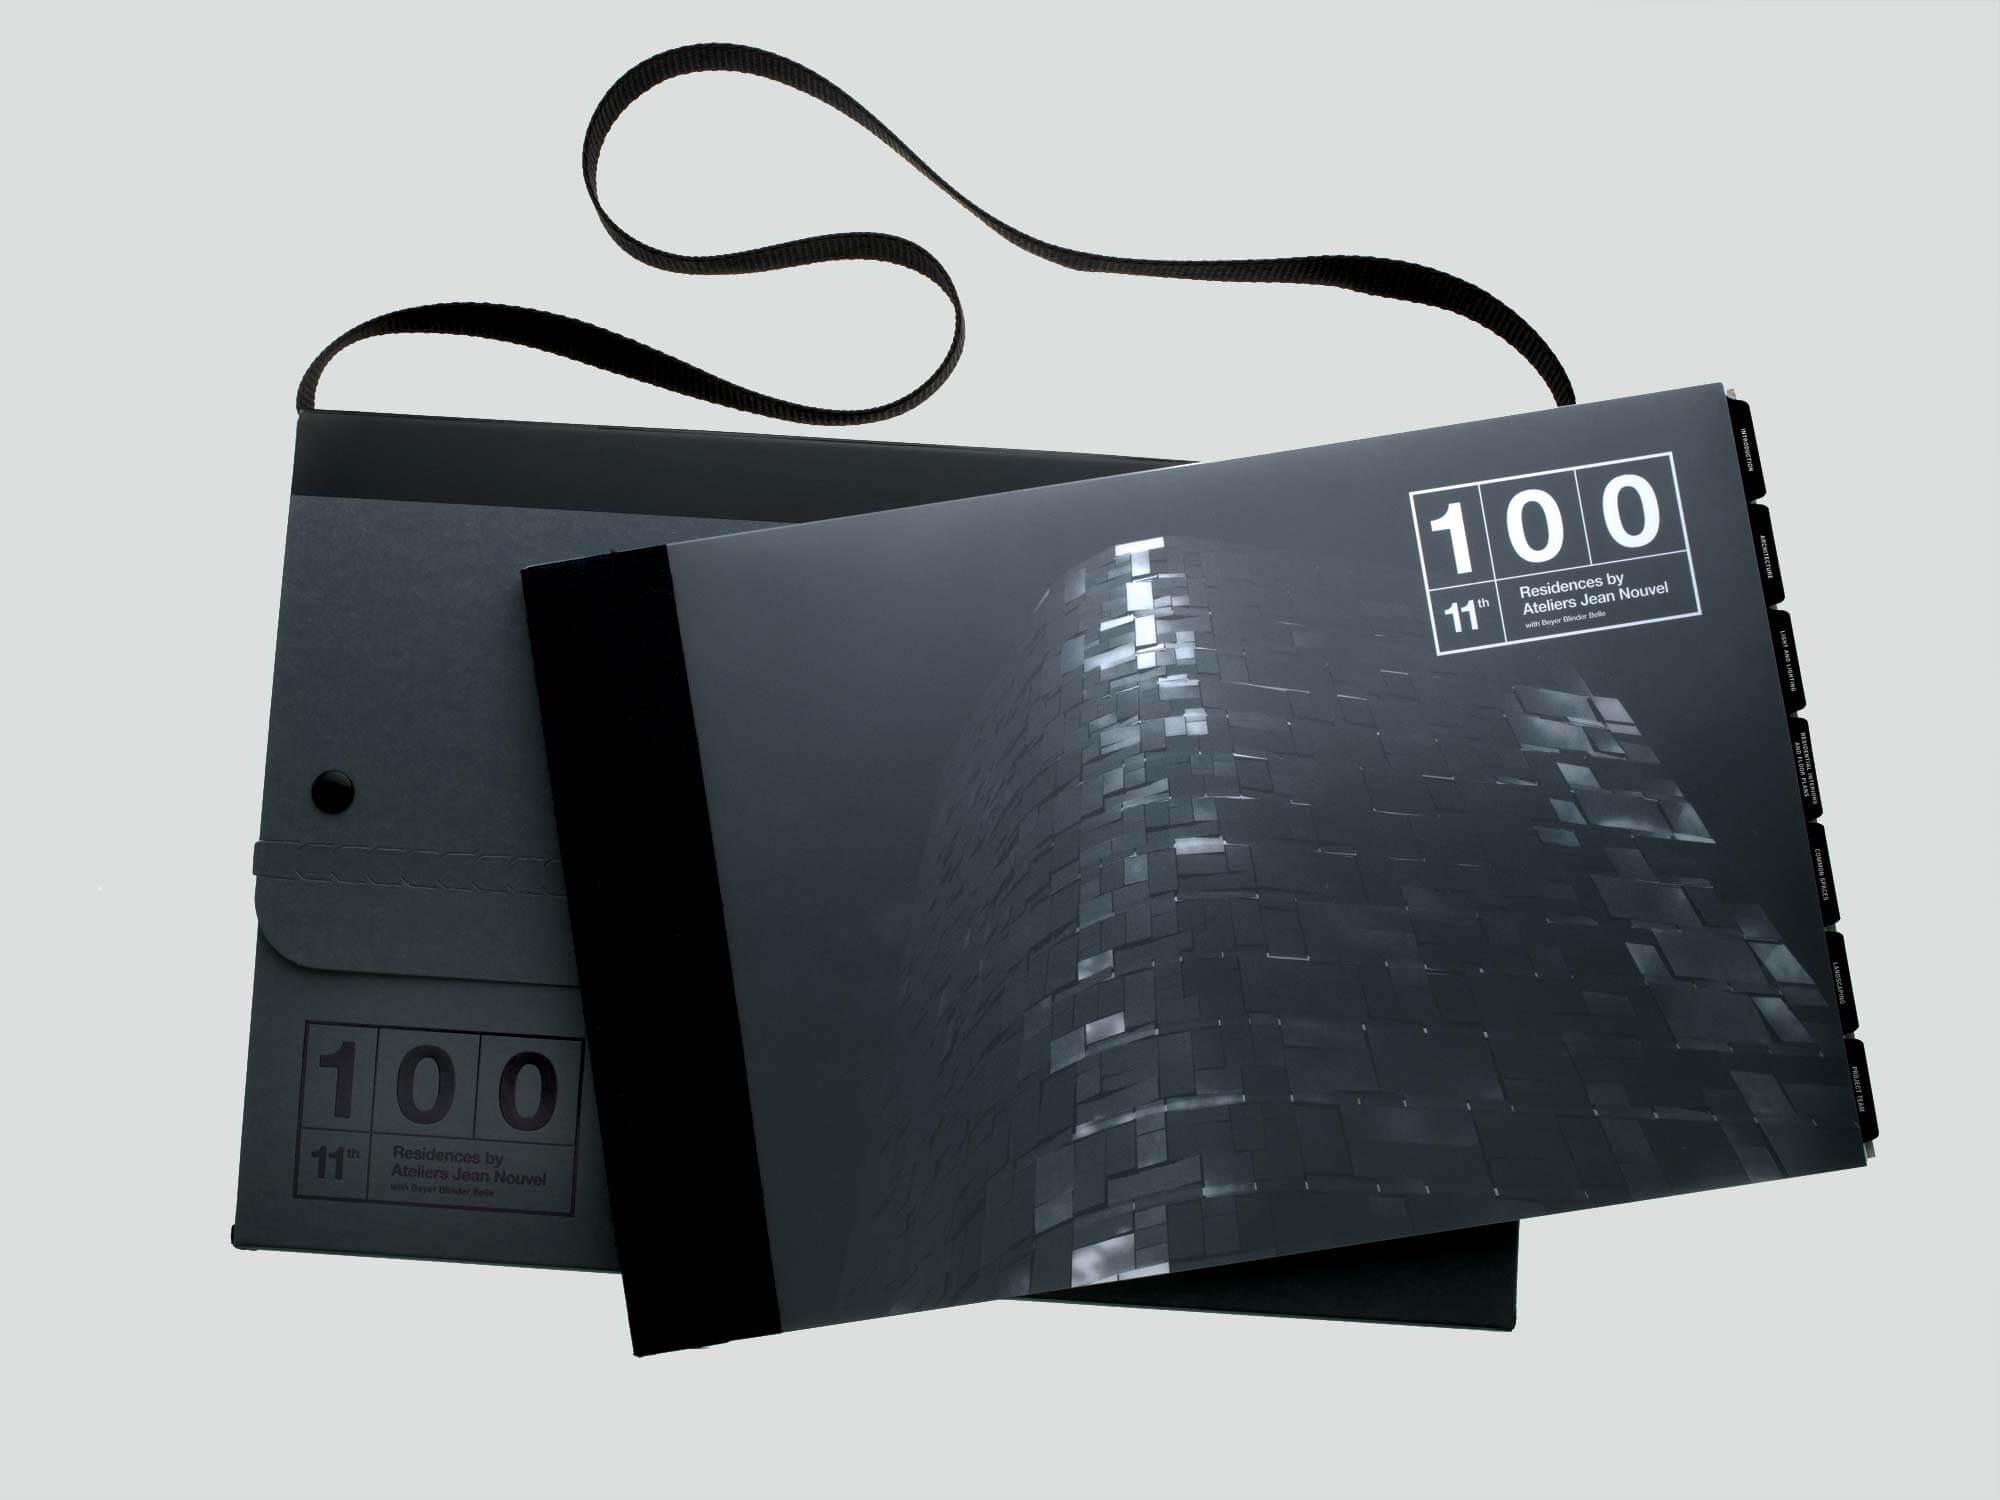 100-11-2000x1500-brochure-2